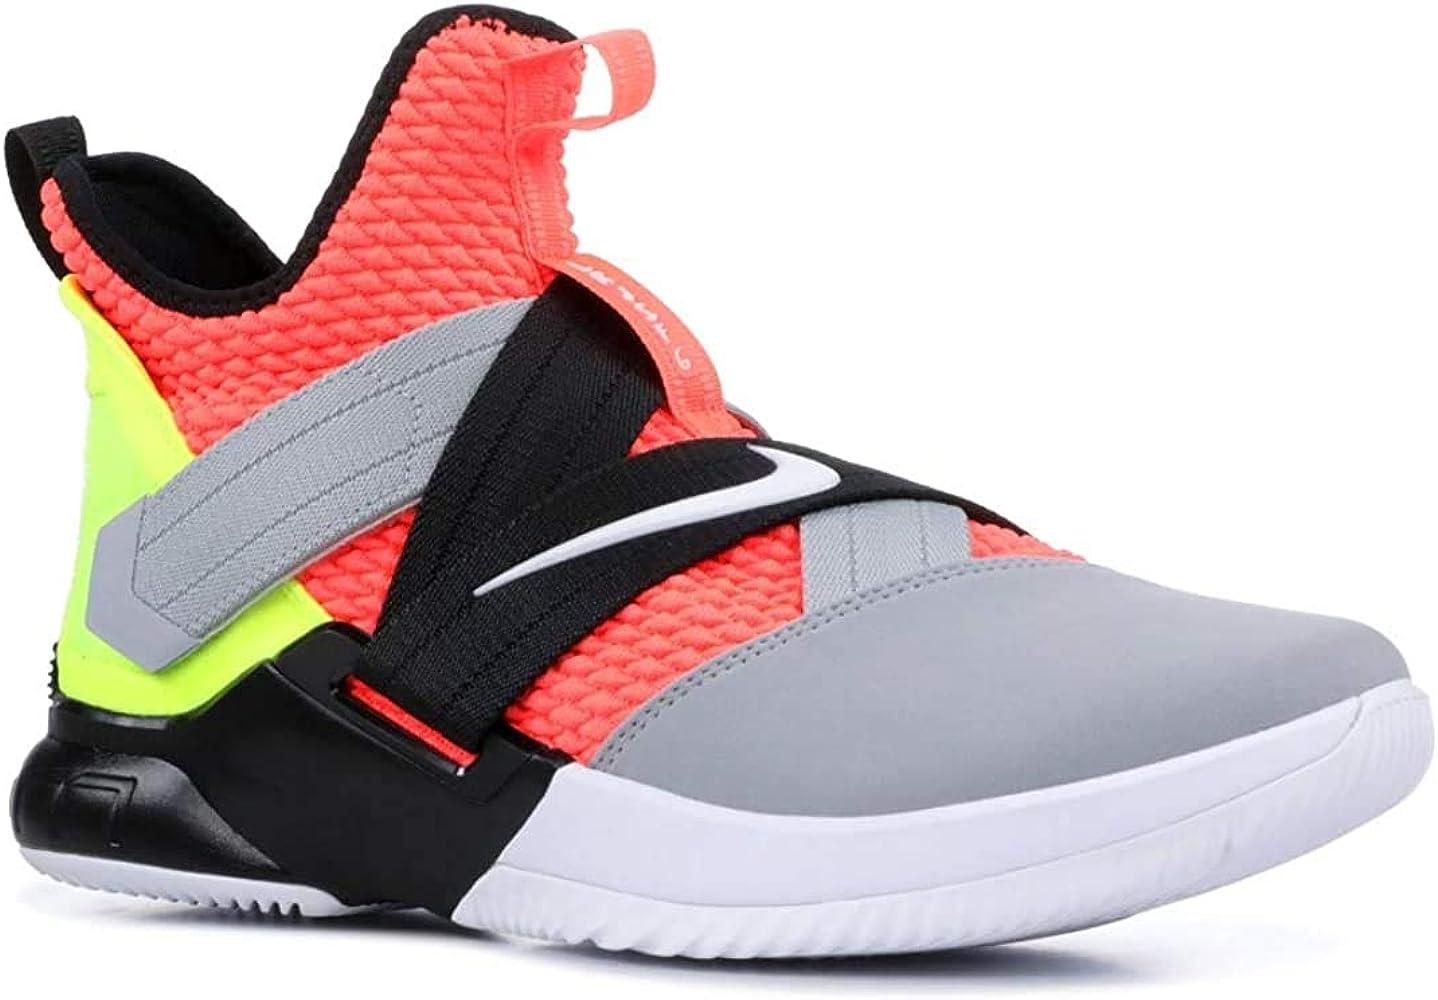 precoz reacción Autor  Amazon.com | Nike Lebron Soldier XII SFG Mens Ao4054-800 Size 7.5 |  Basketball